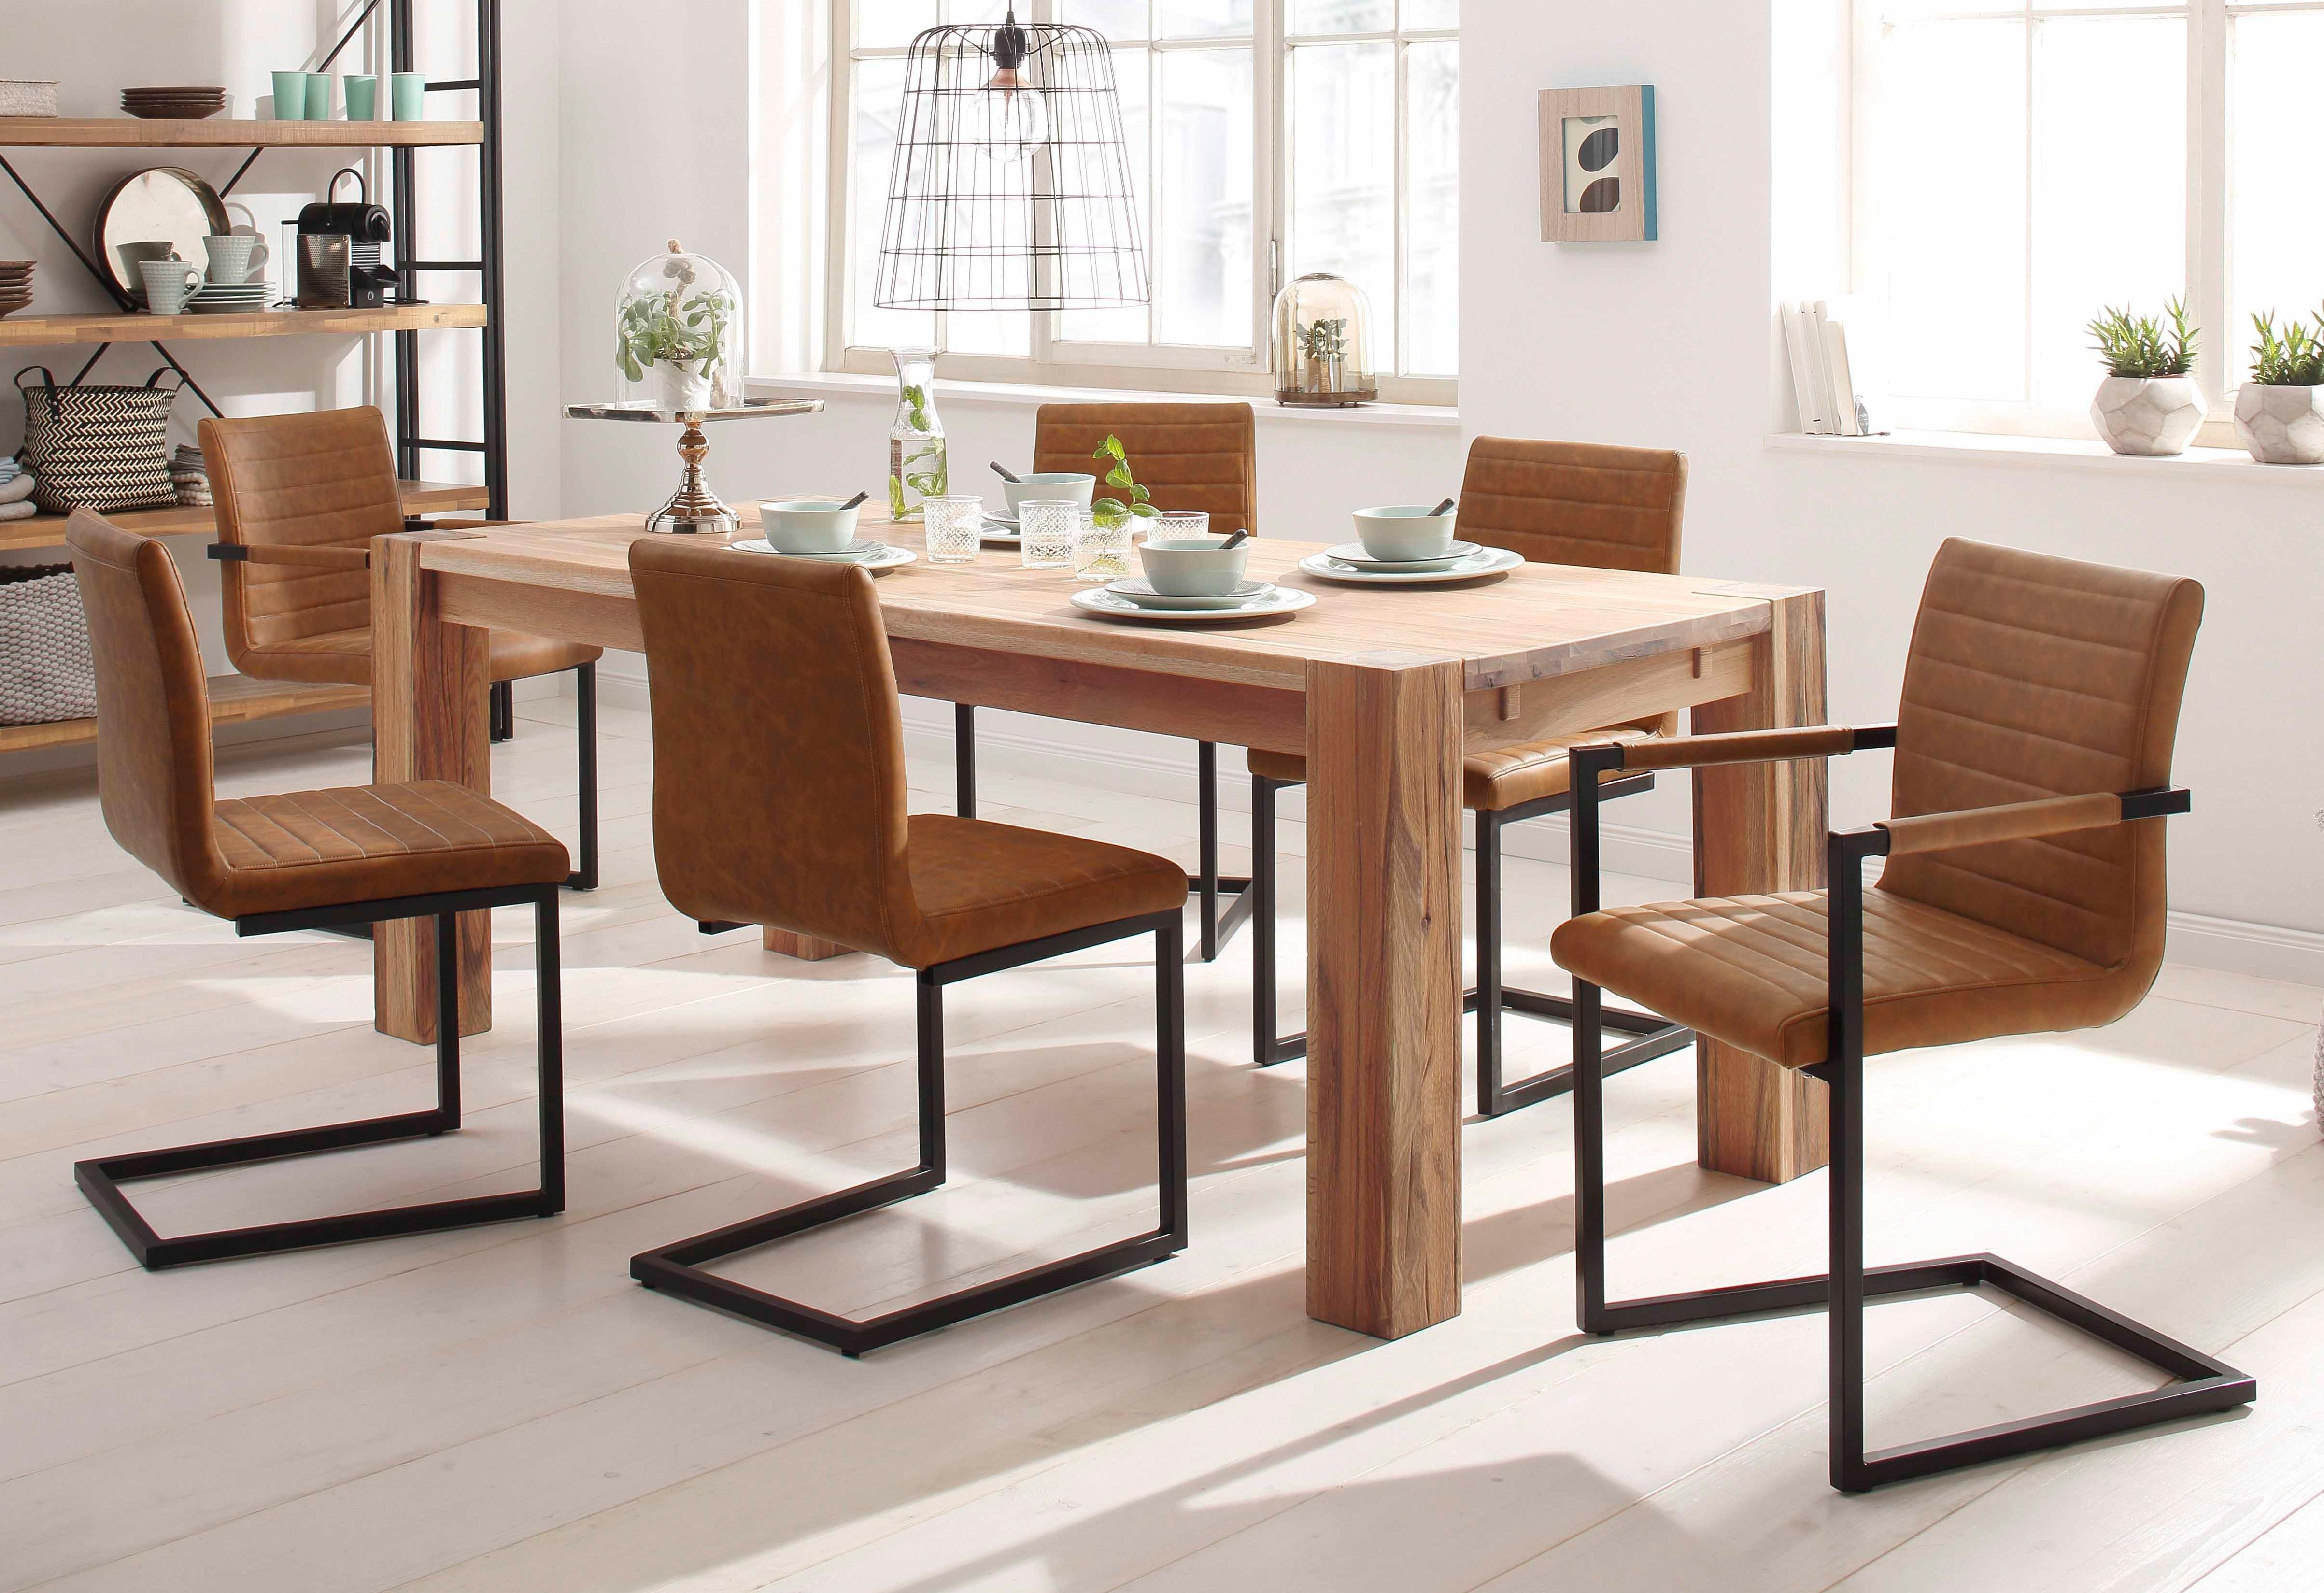 home affaire eettafel model 1 wildeiken geolied online verkrijgbaar otto. Black Bedroom Furniture Sets. Home Design Ideas